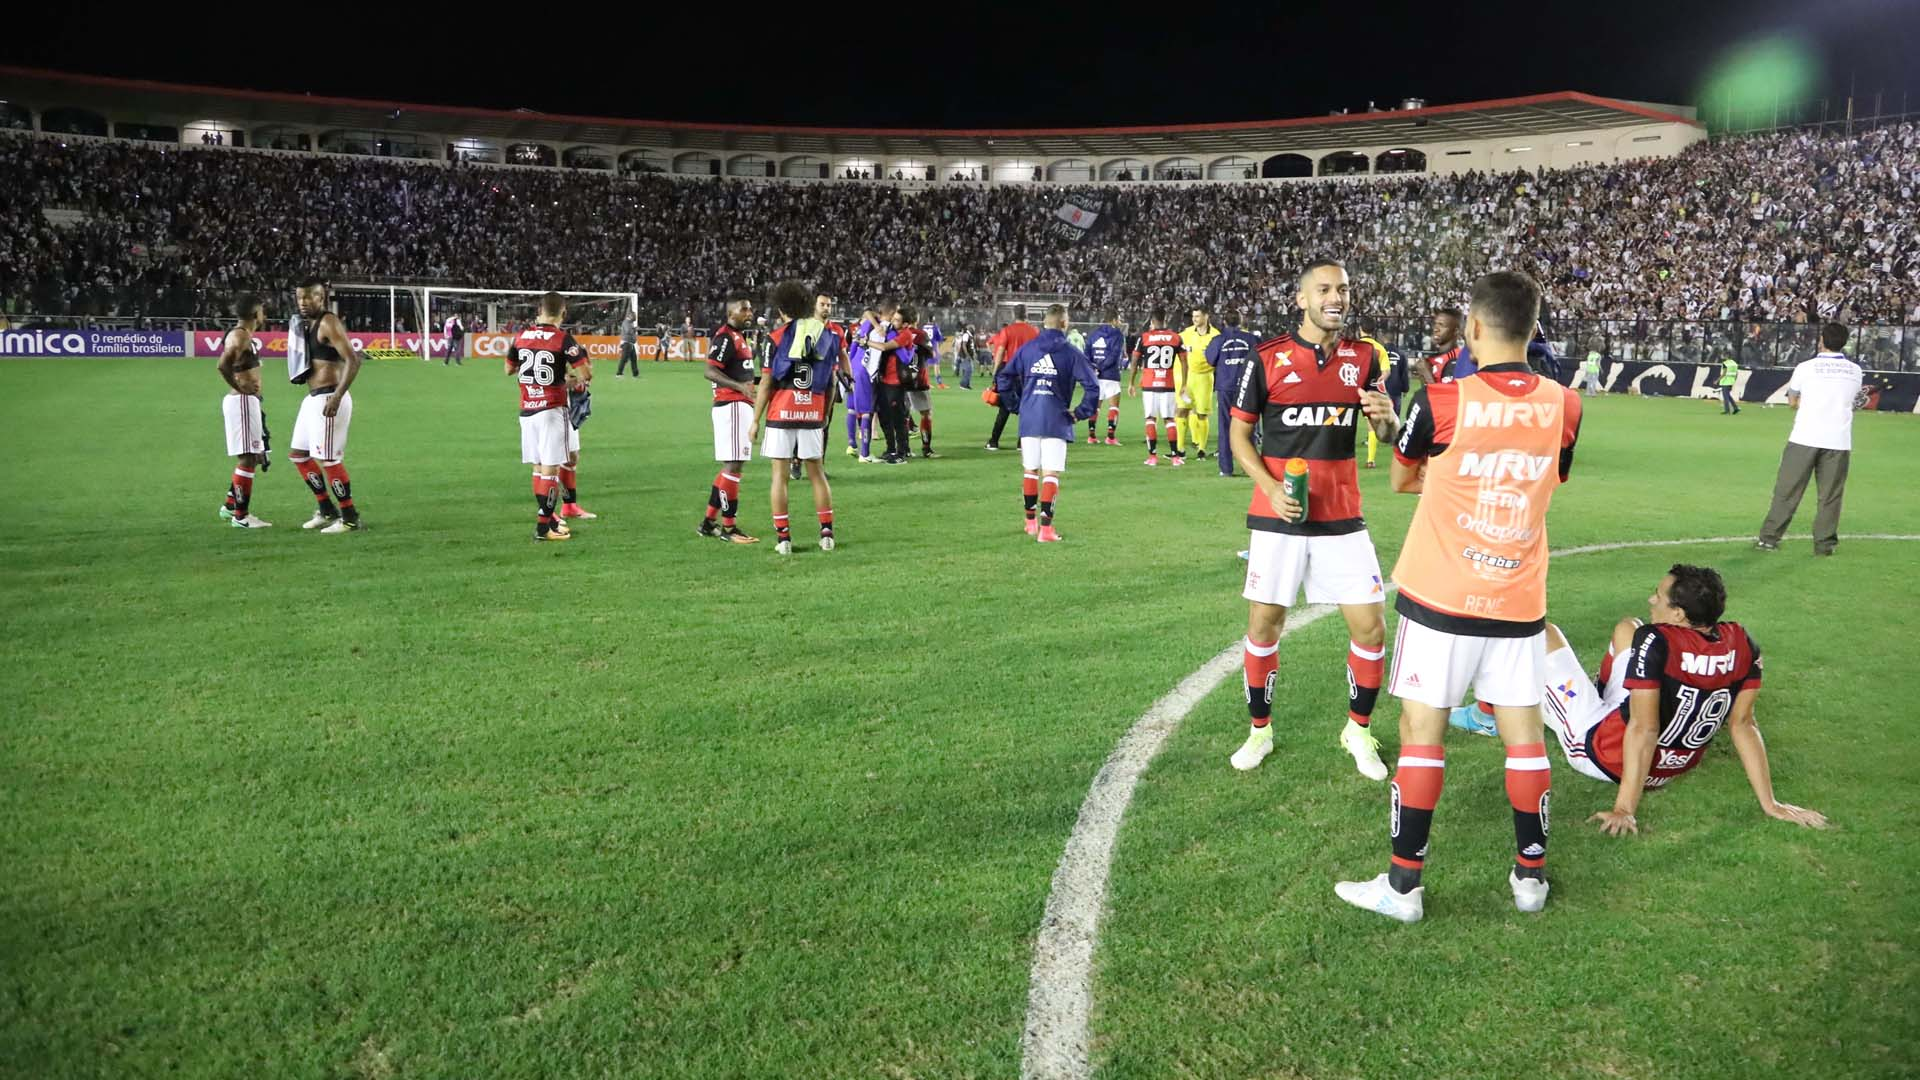 Jogadores impedidos de sair campo Flamengo x Vasco São Januário Brasileirão 08 07 17